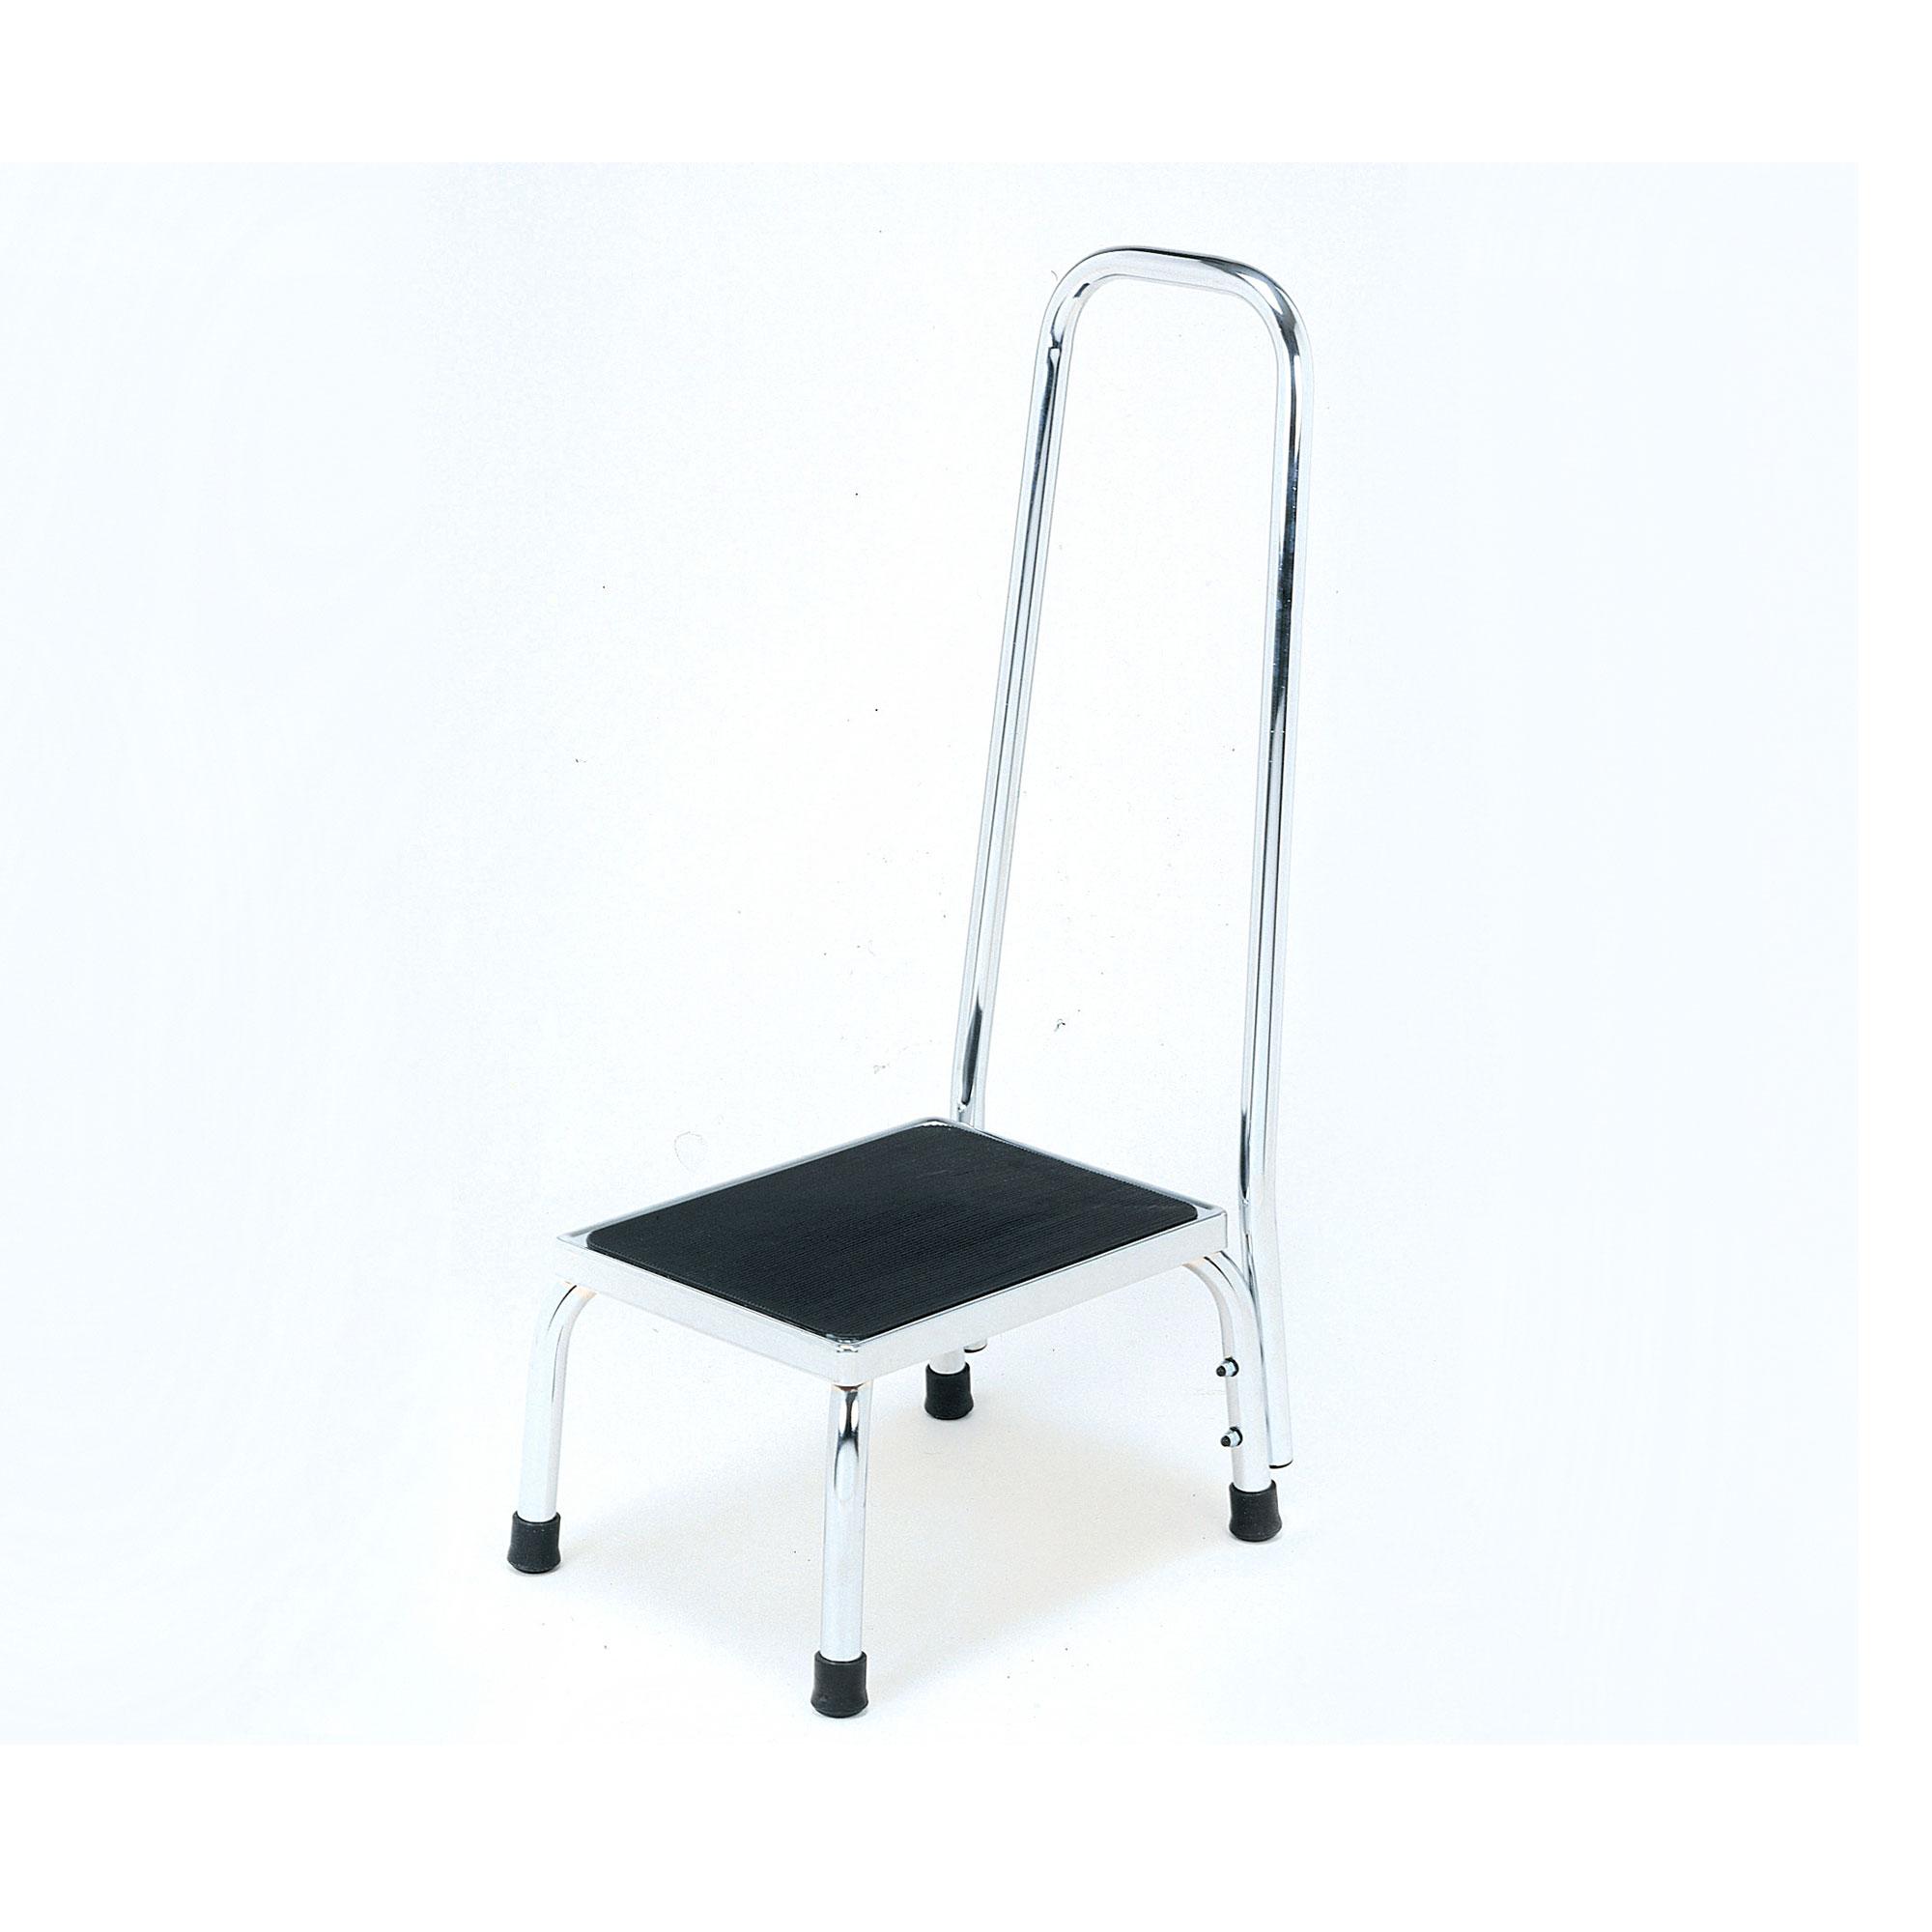 4055A : Bath Step Stool With Handrail